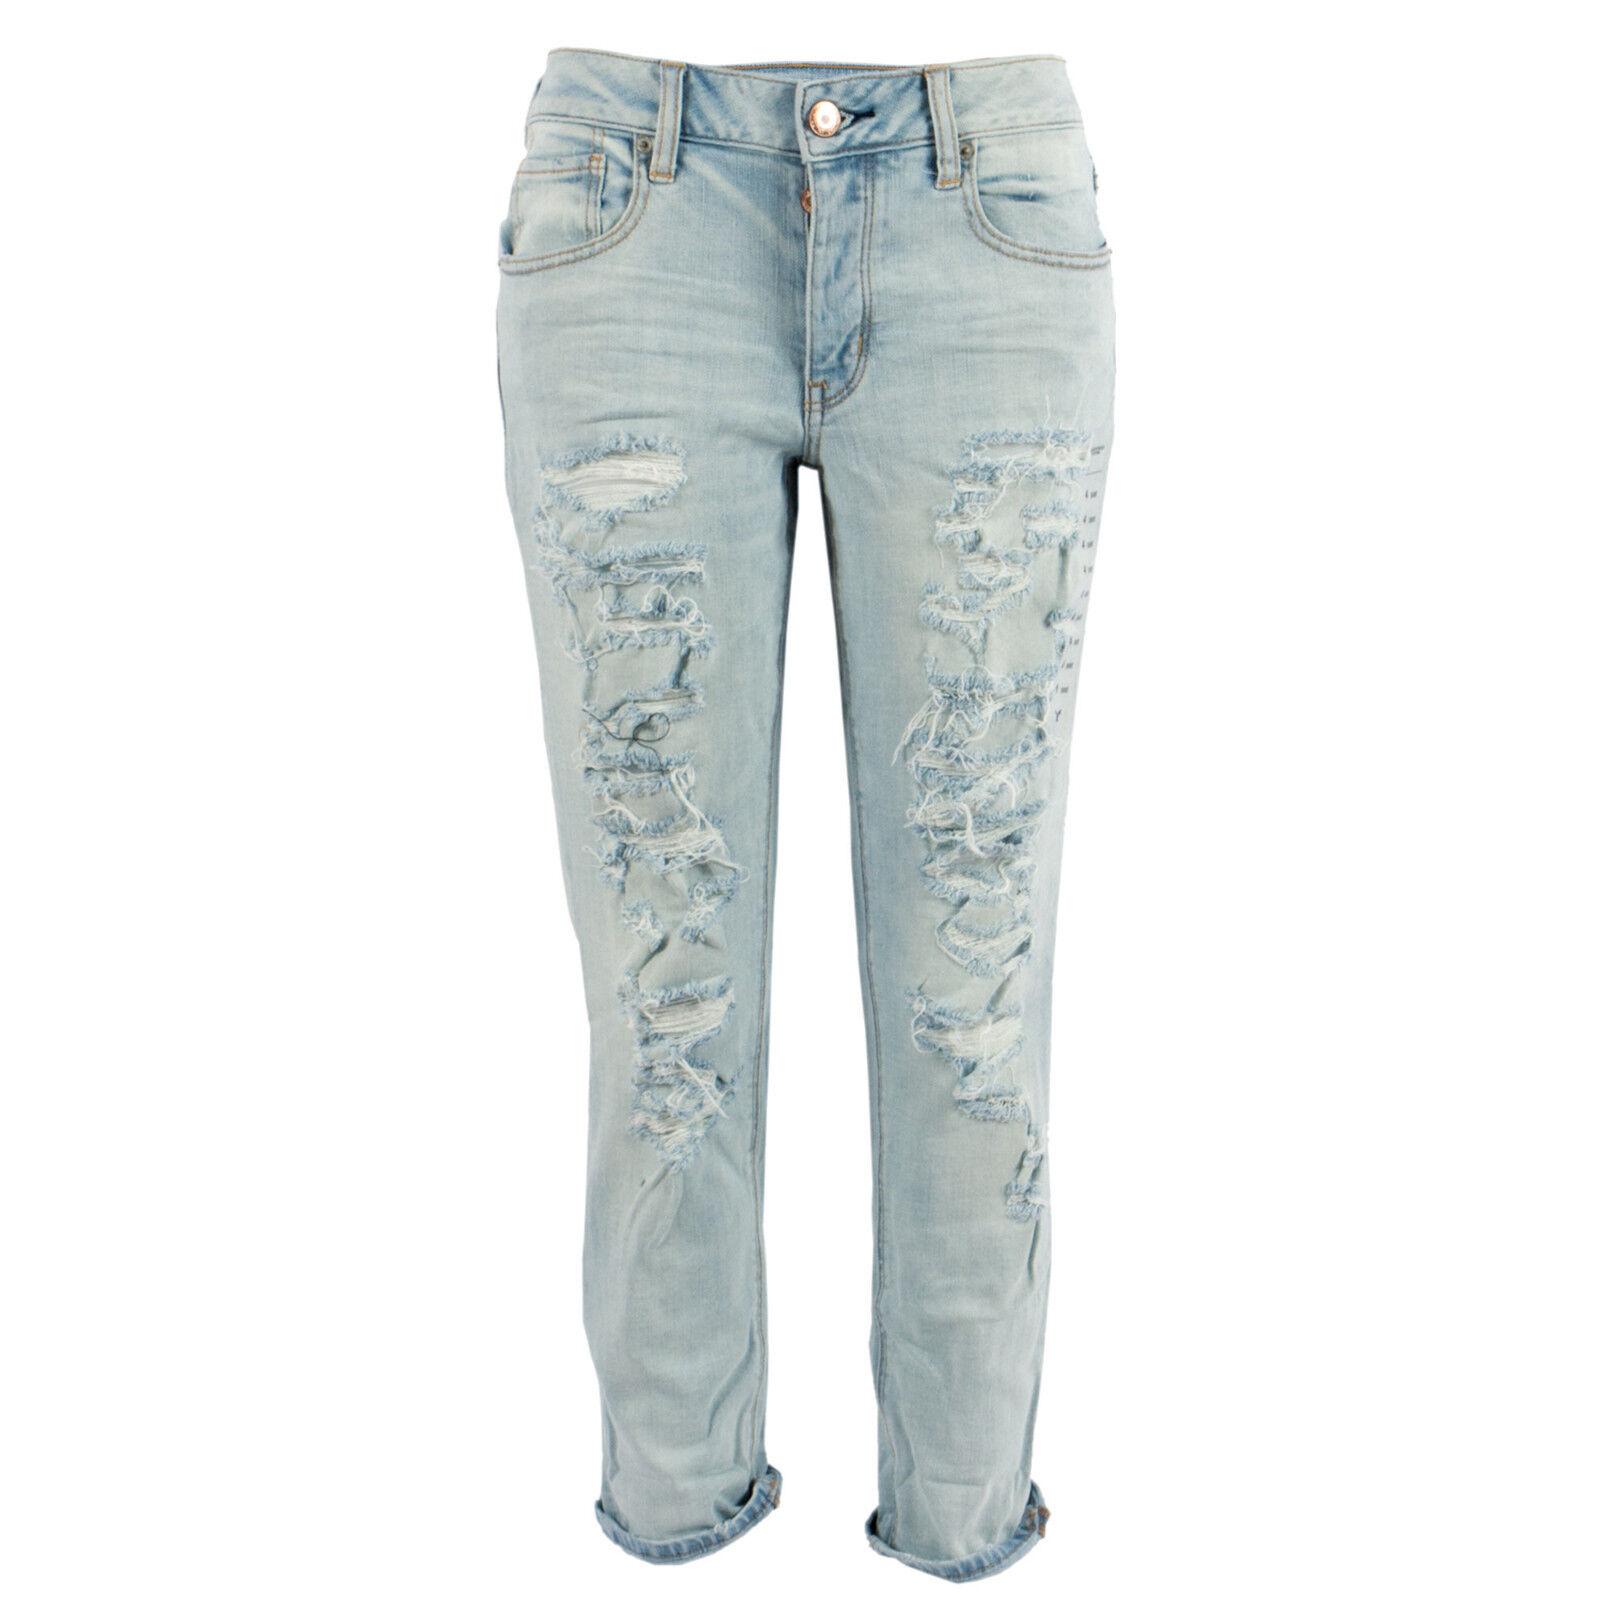 AMERICAN EAGLE Damen Boyfriend Jeans 9438 Tomgirl Short   US 4 (36)   Ankle | Vorzügliche Verarbeitung  | Räumungsverkauf  | Sonderkauf  | König der Quantität  | Qualifizierte Herstellung